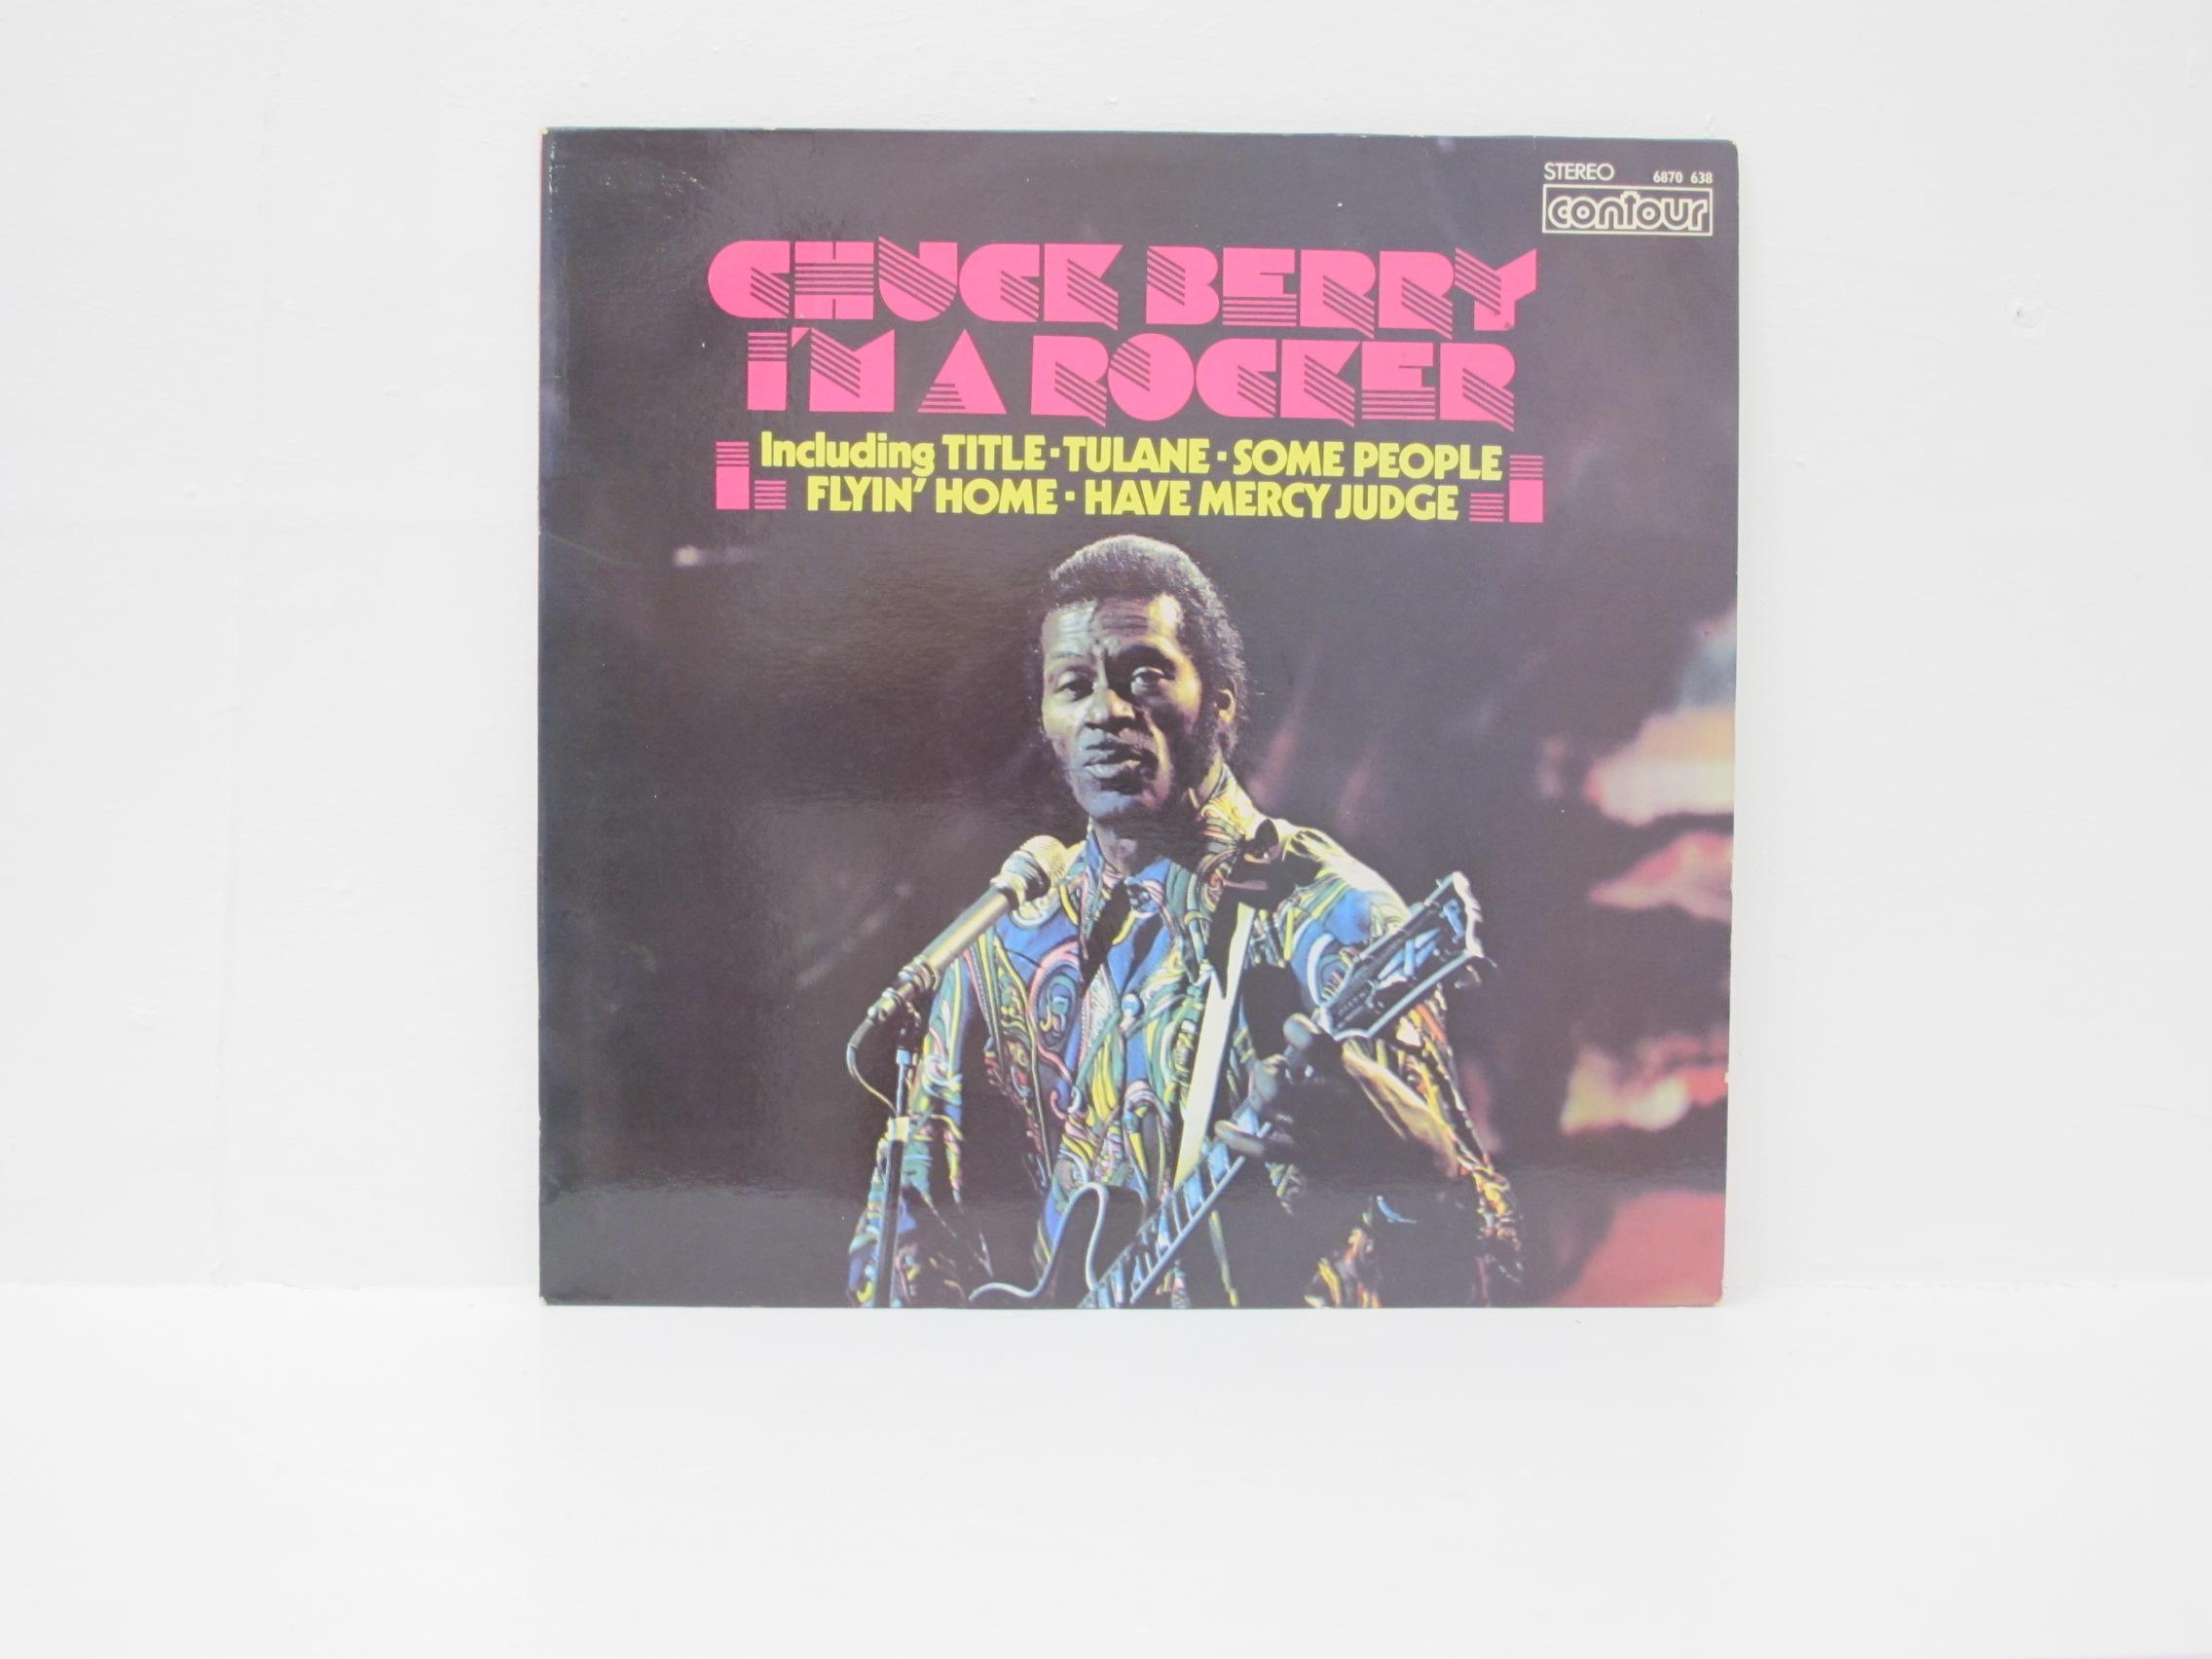 Chuck Berry - I'm A Rocker